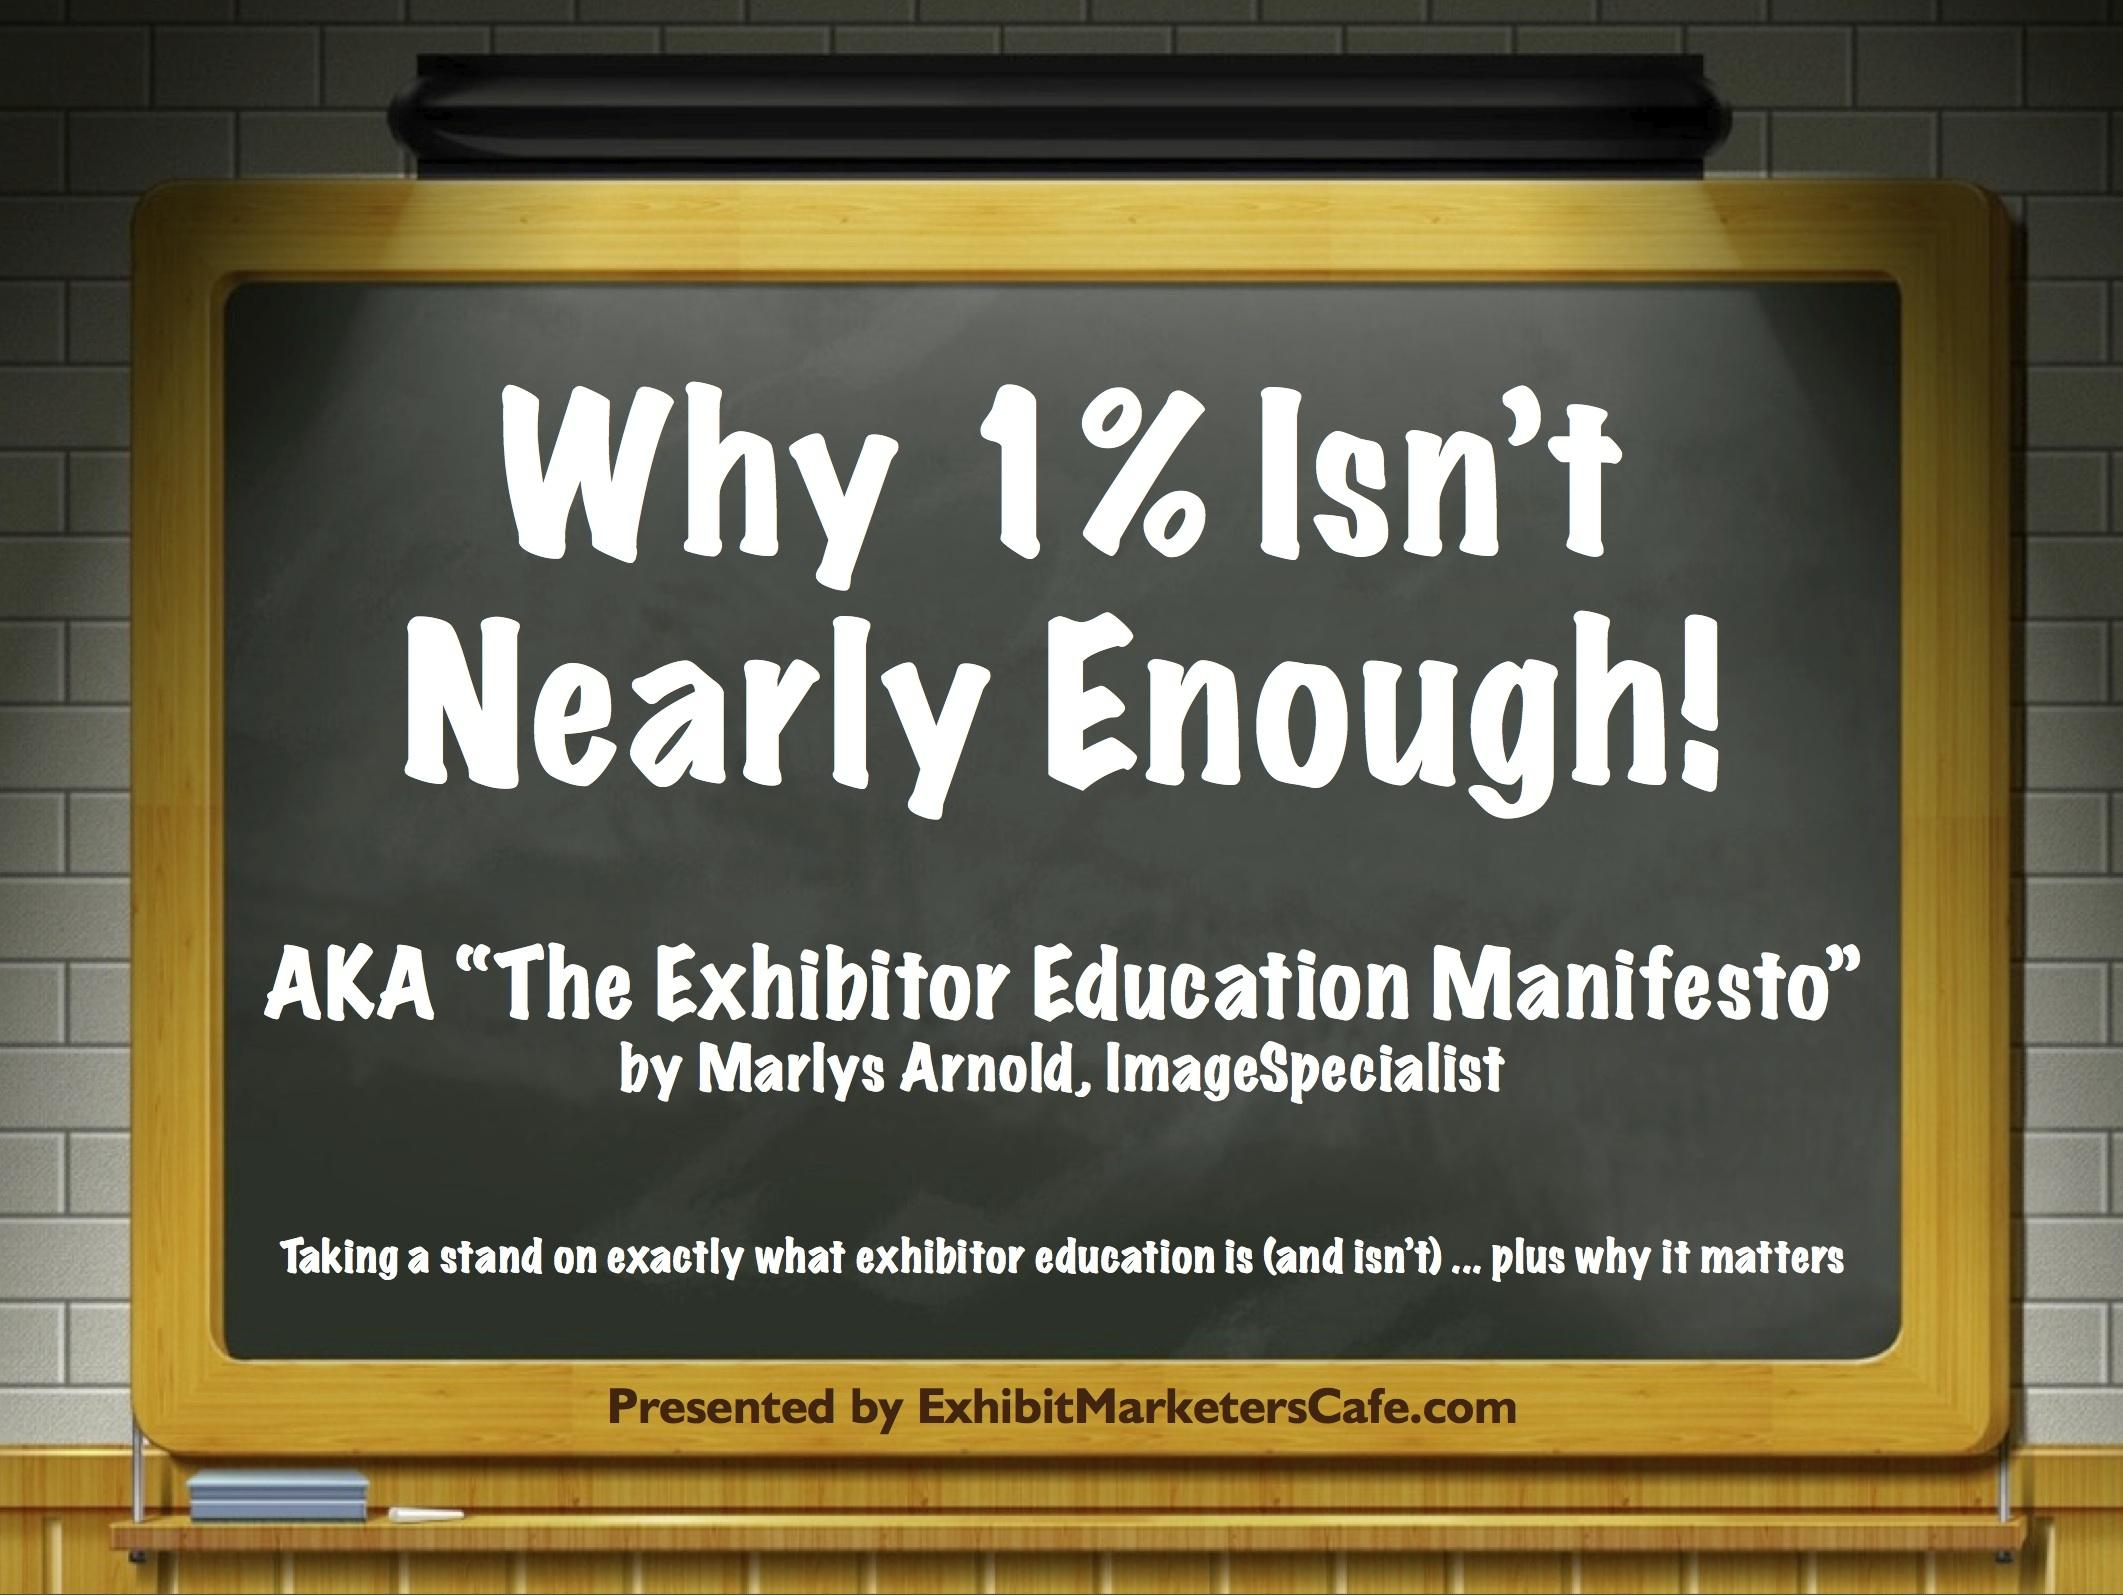 Exhibitor Education Manifesto